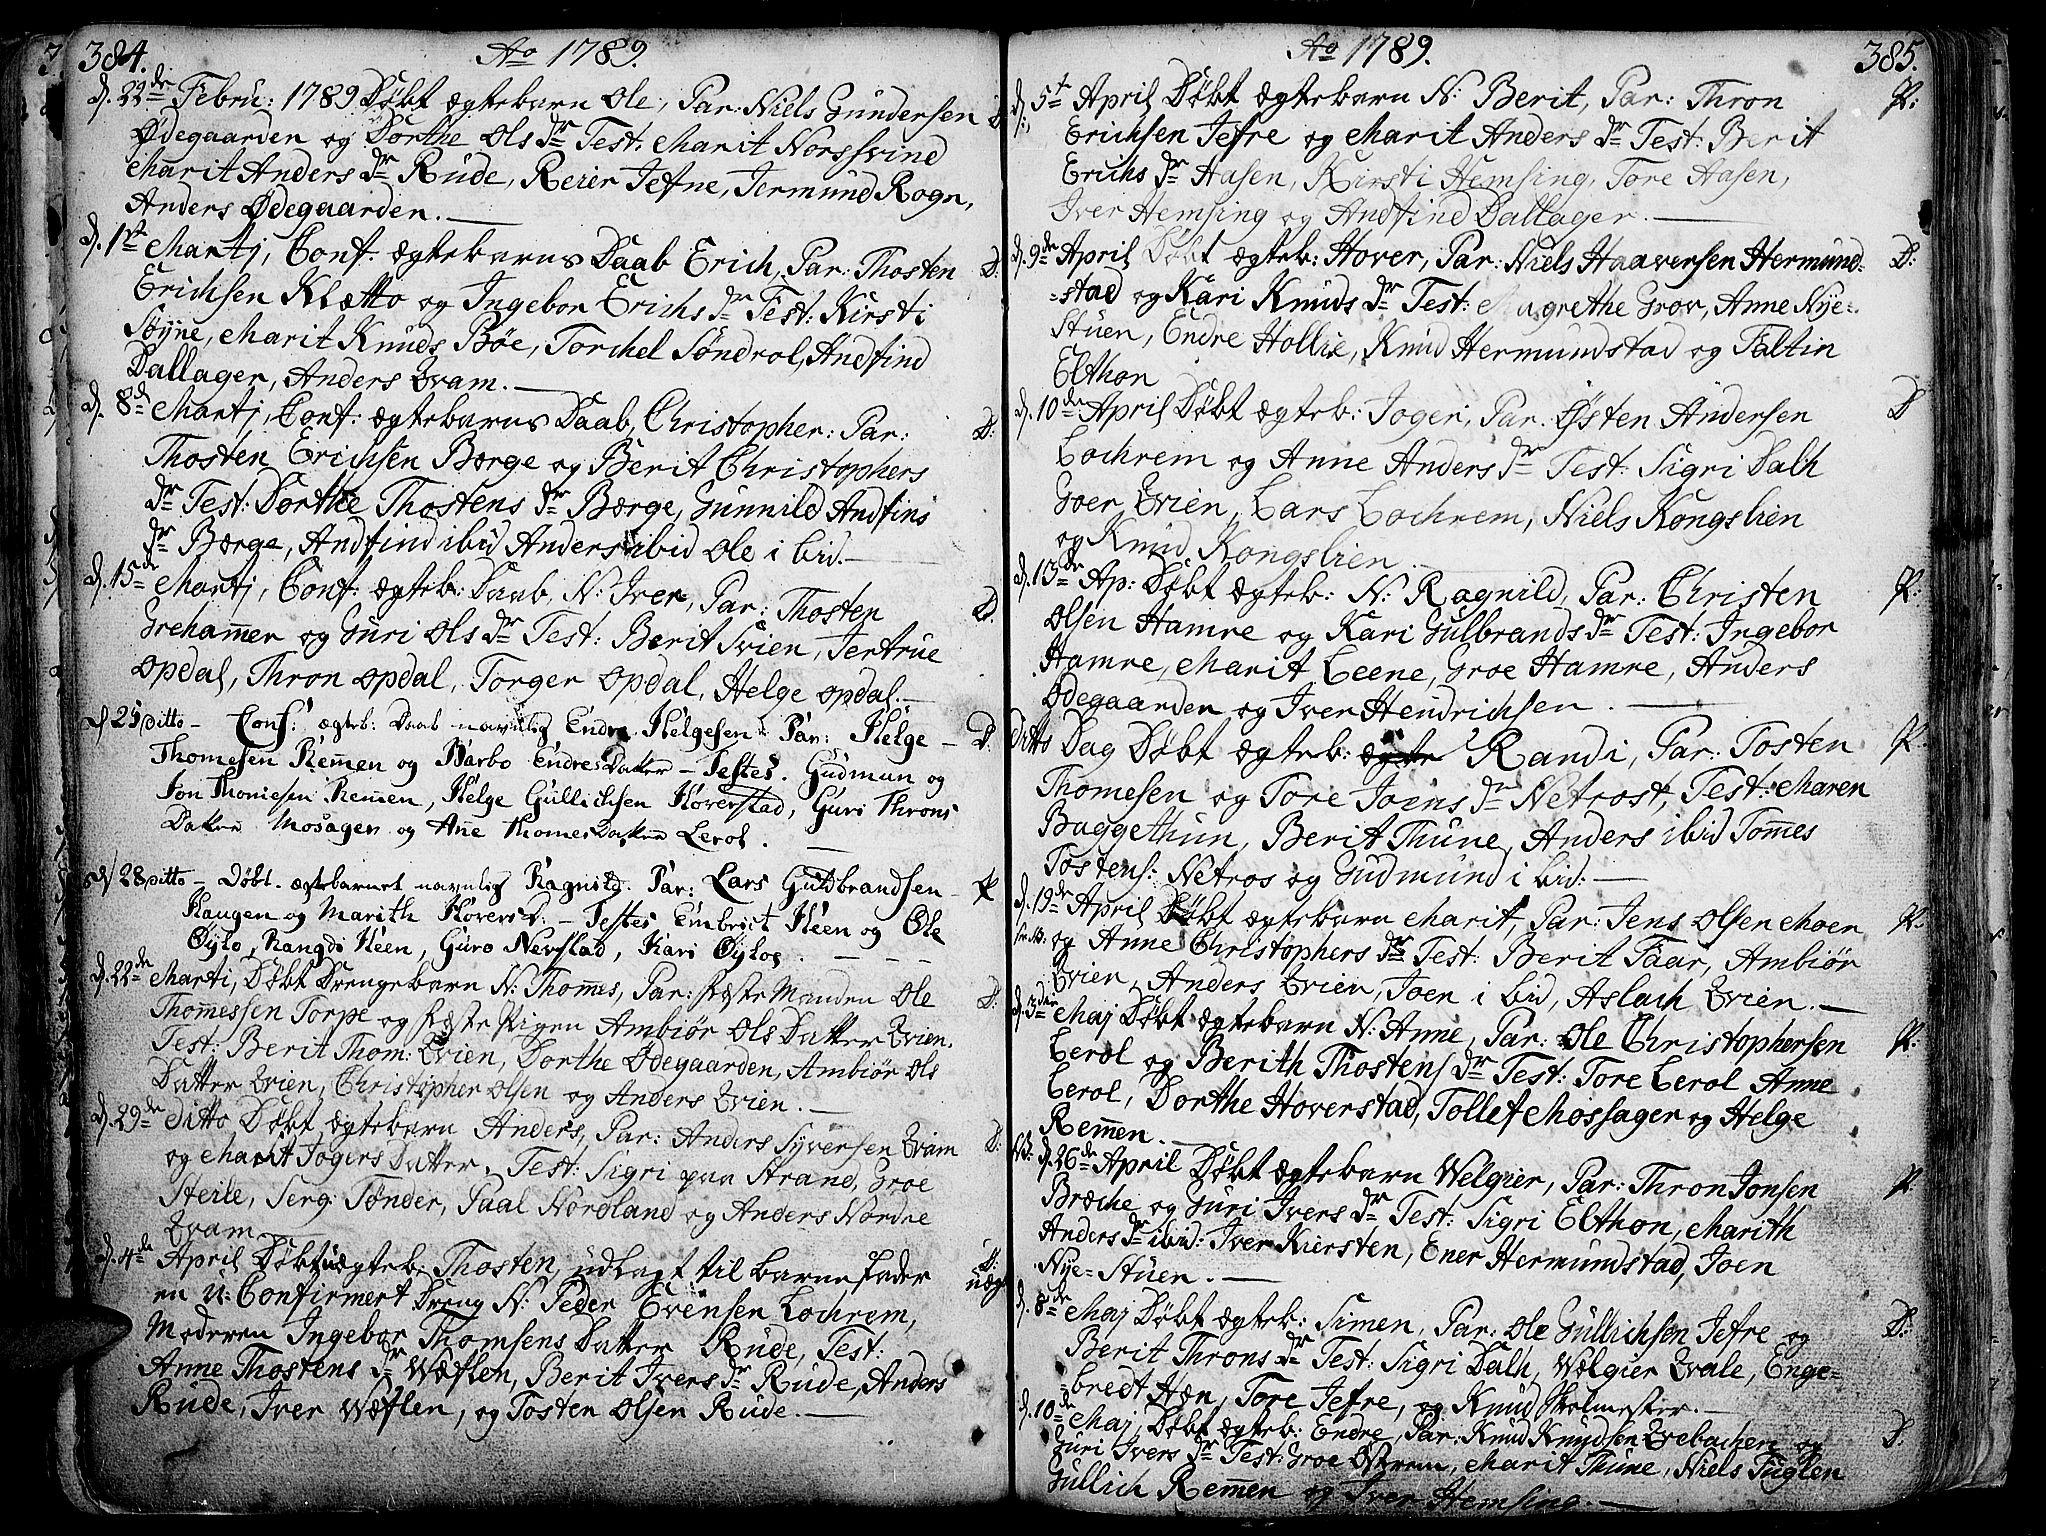 SAH, Vang prestekontor, Valdres, Ministerialbok nr. 1, 1730-1796, s. 384-385